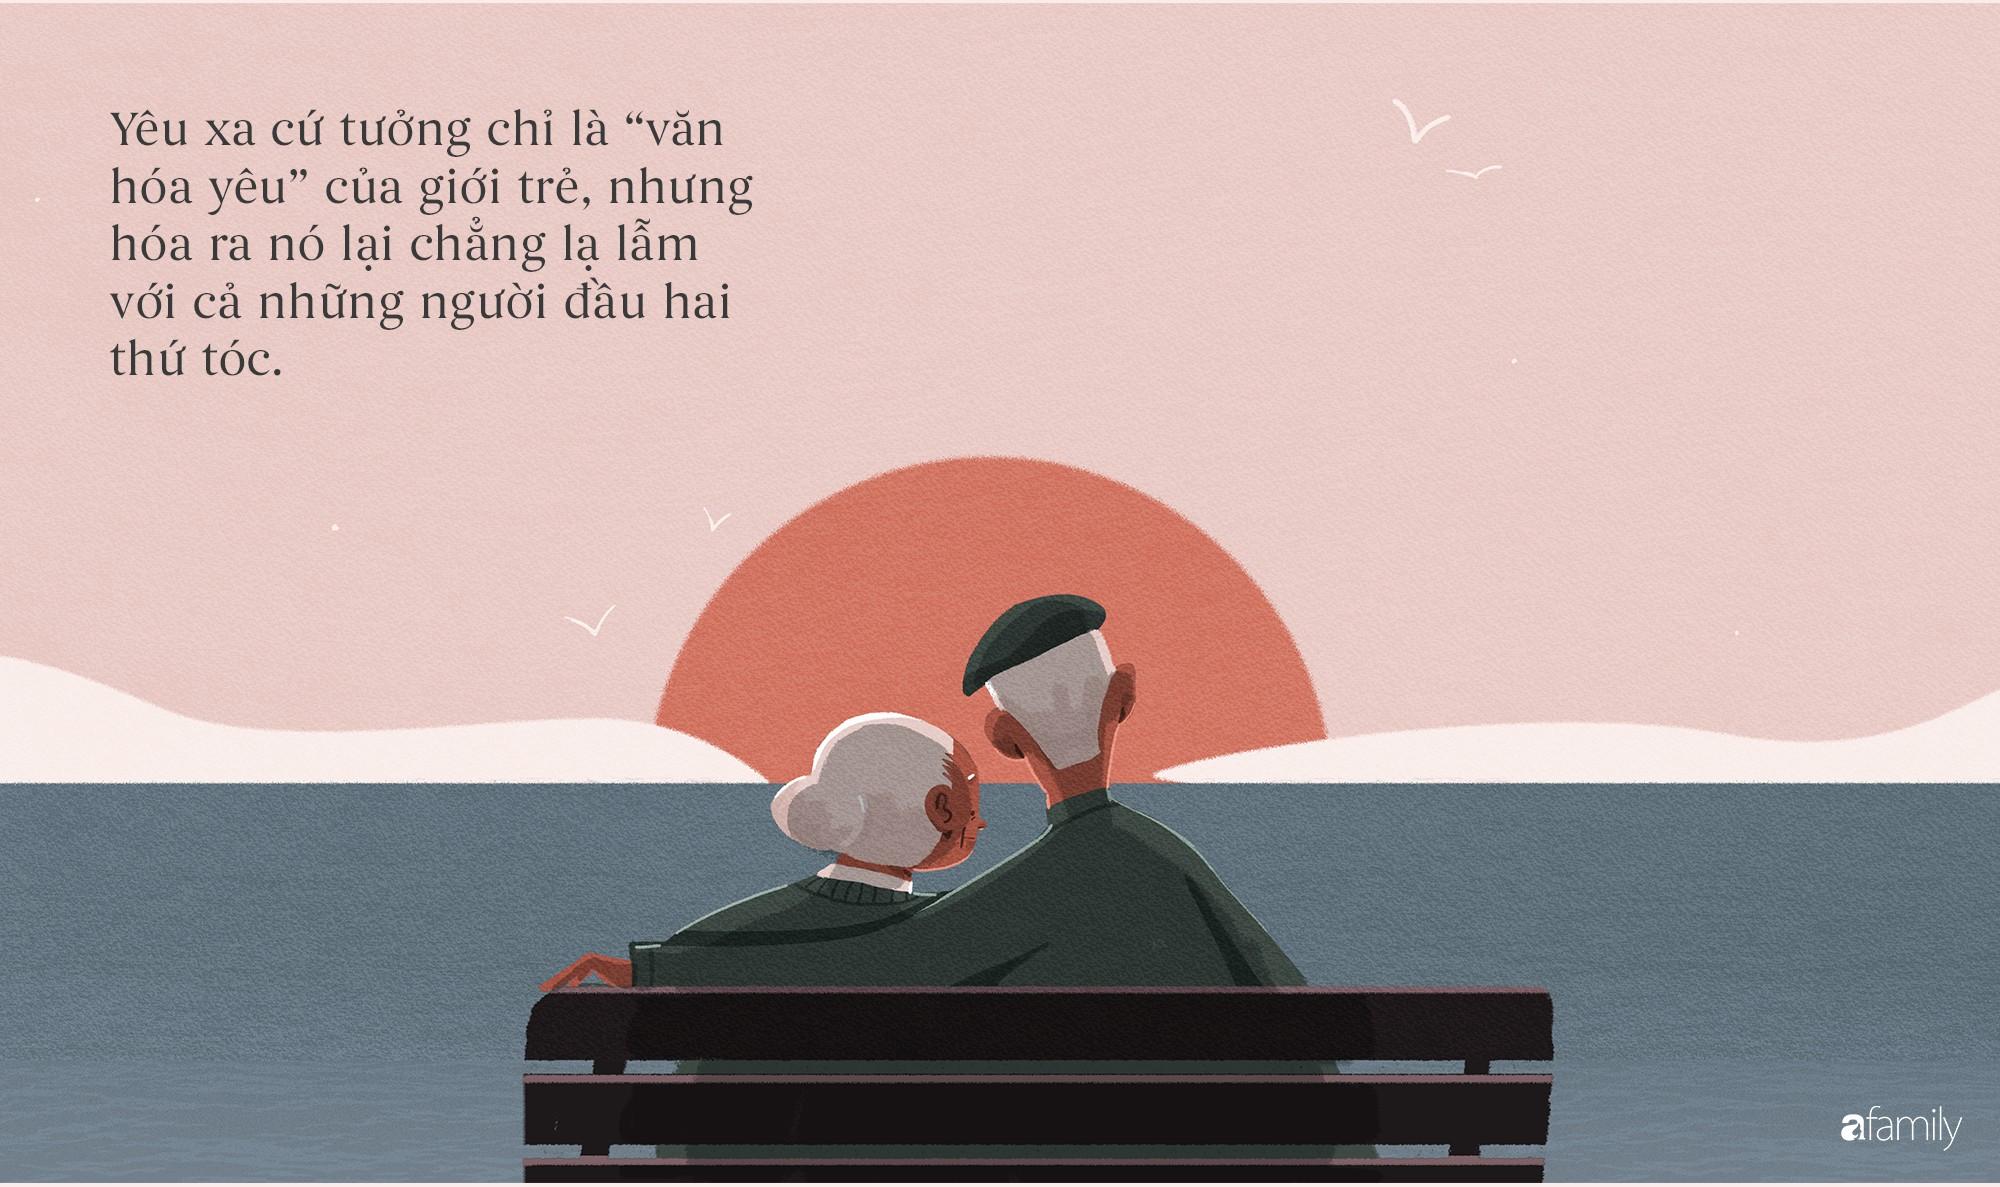 Đừng đánh mất niềm tin vào tình yêu, bởi sau cùng, đó là điều duy nhất trên đời này không-có-khổ-đau! - Ảnh 7.